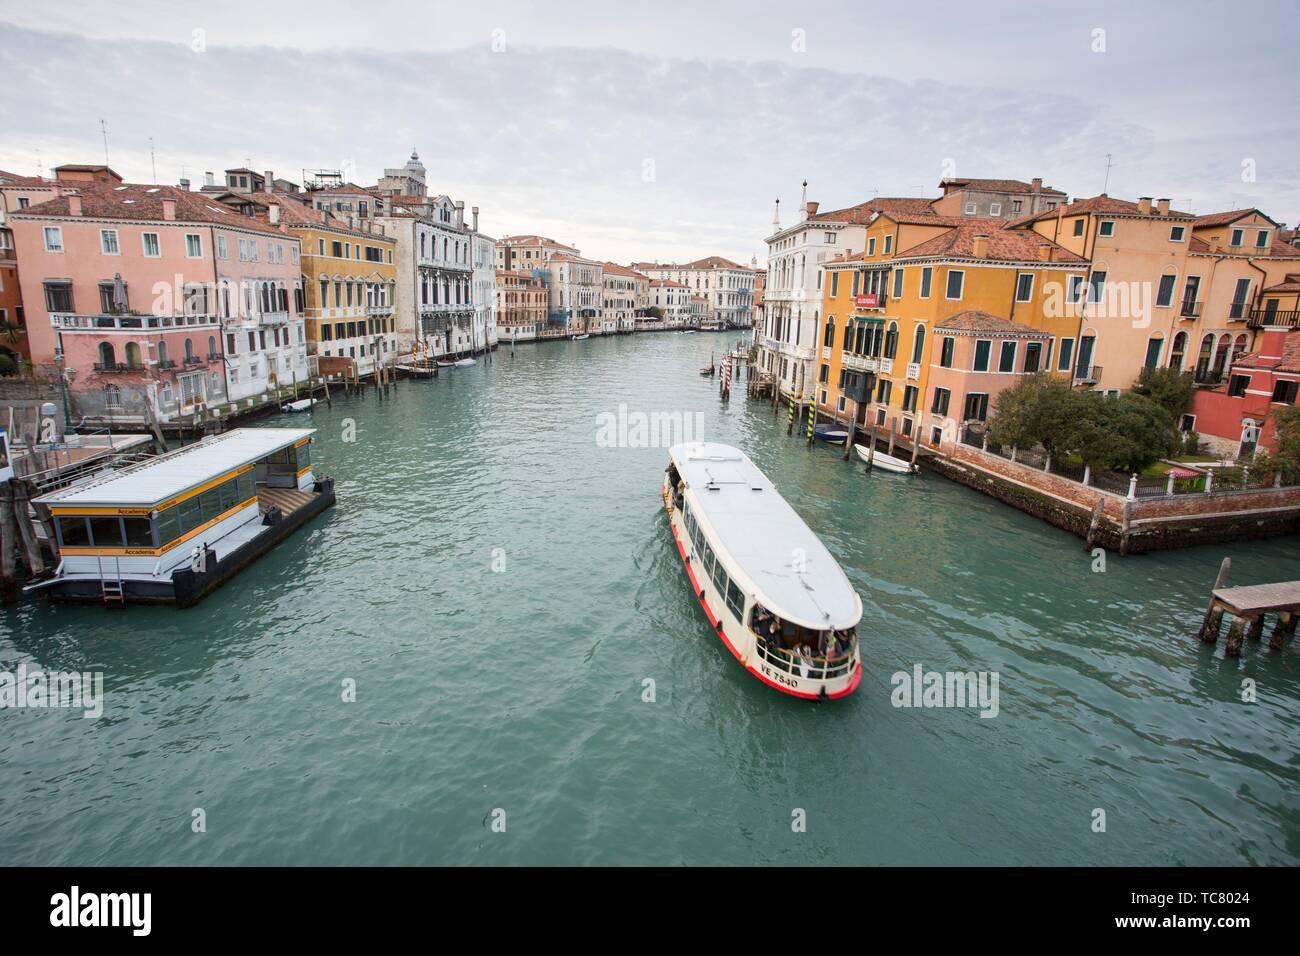 Venezia, Veneto, Italia : vista del Canal Grande dal ponte dell'Accademia. Foto Stock